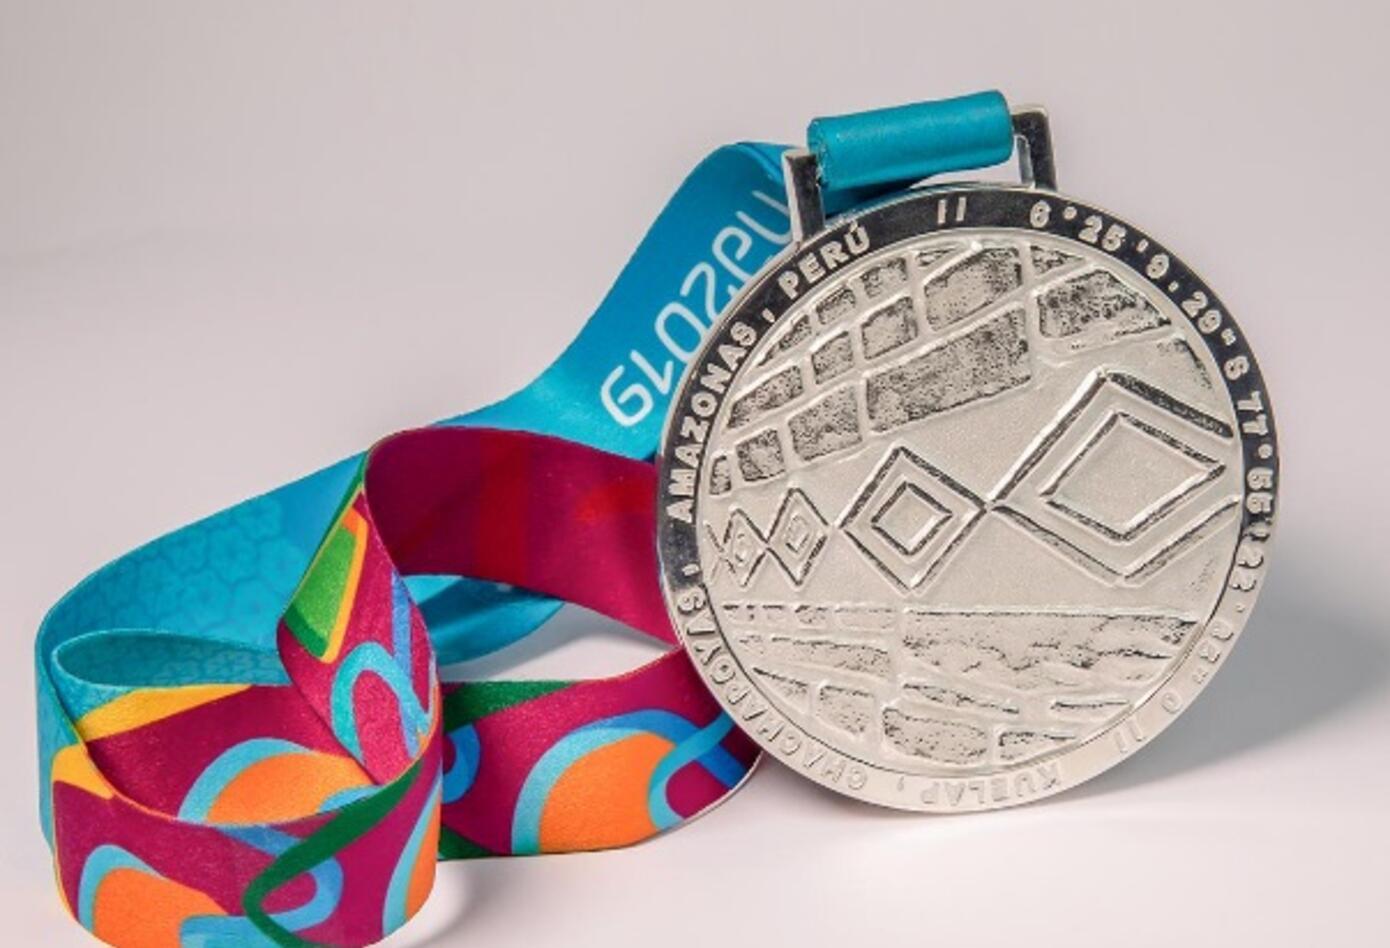 Medalla de Plata- Juegos Panamericanos